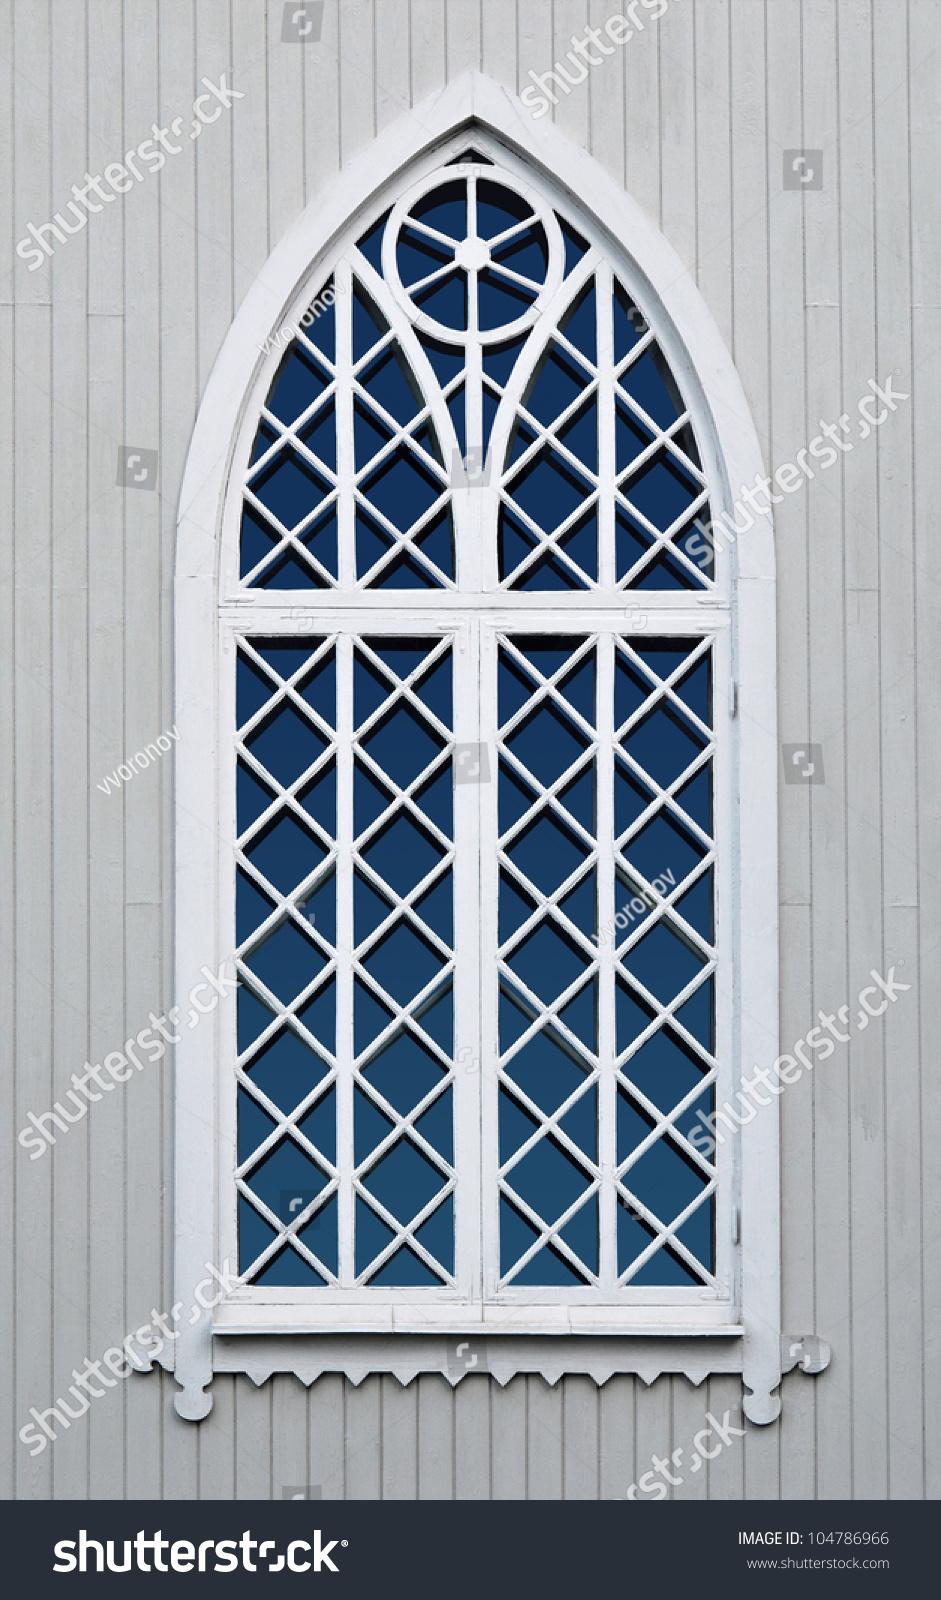 古老的木制教堂窗户